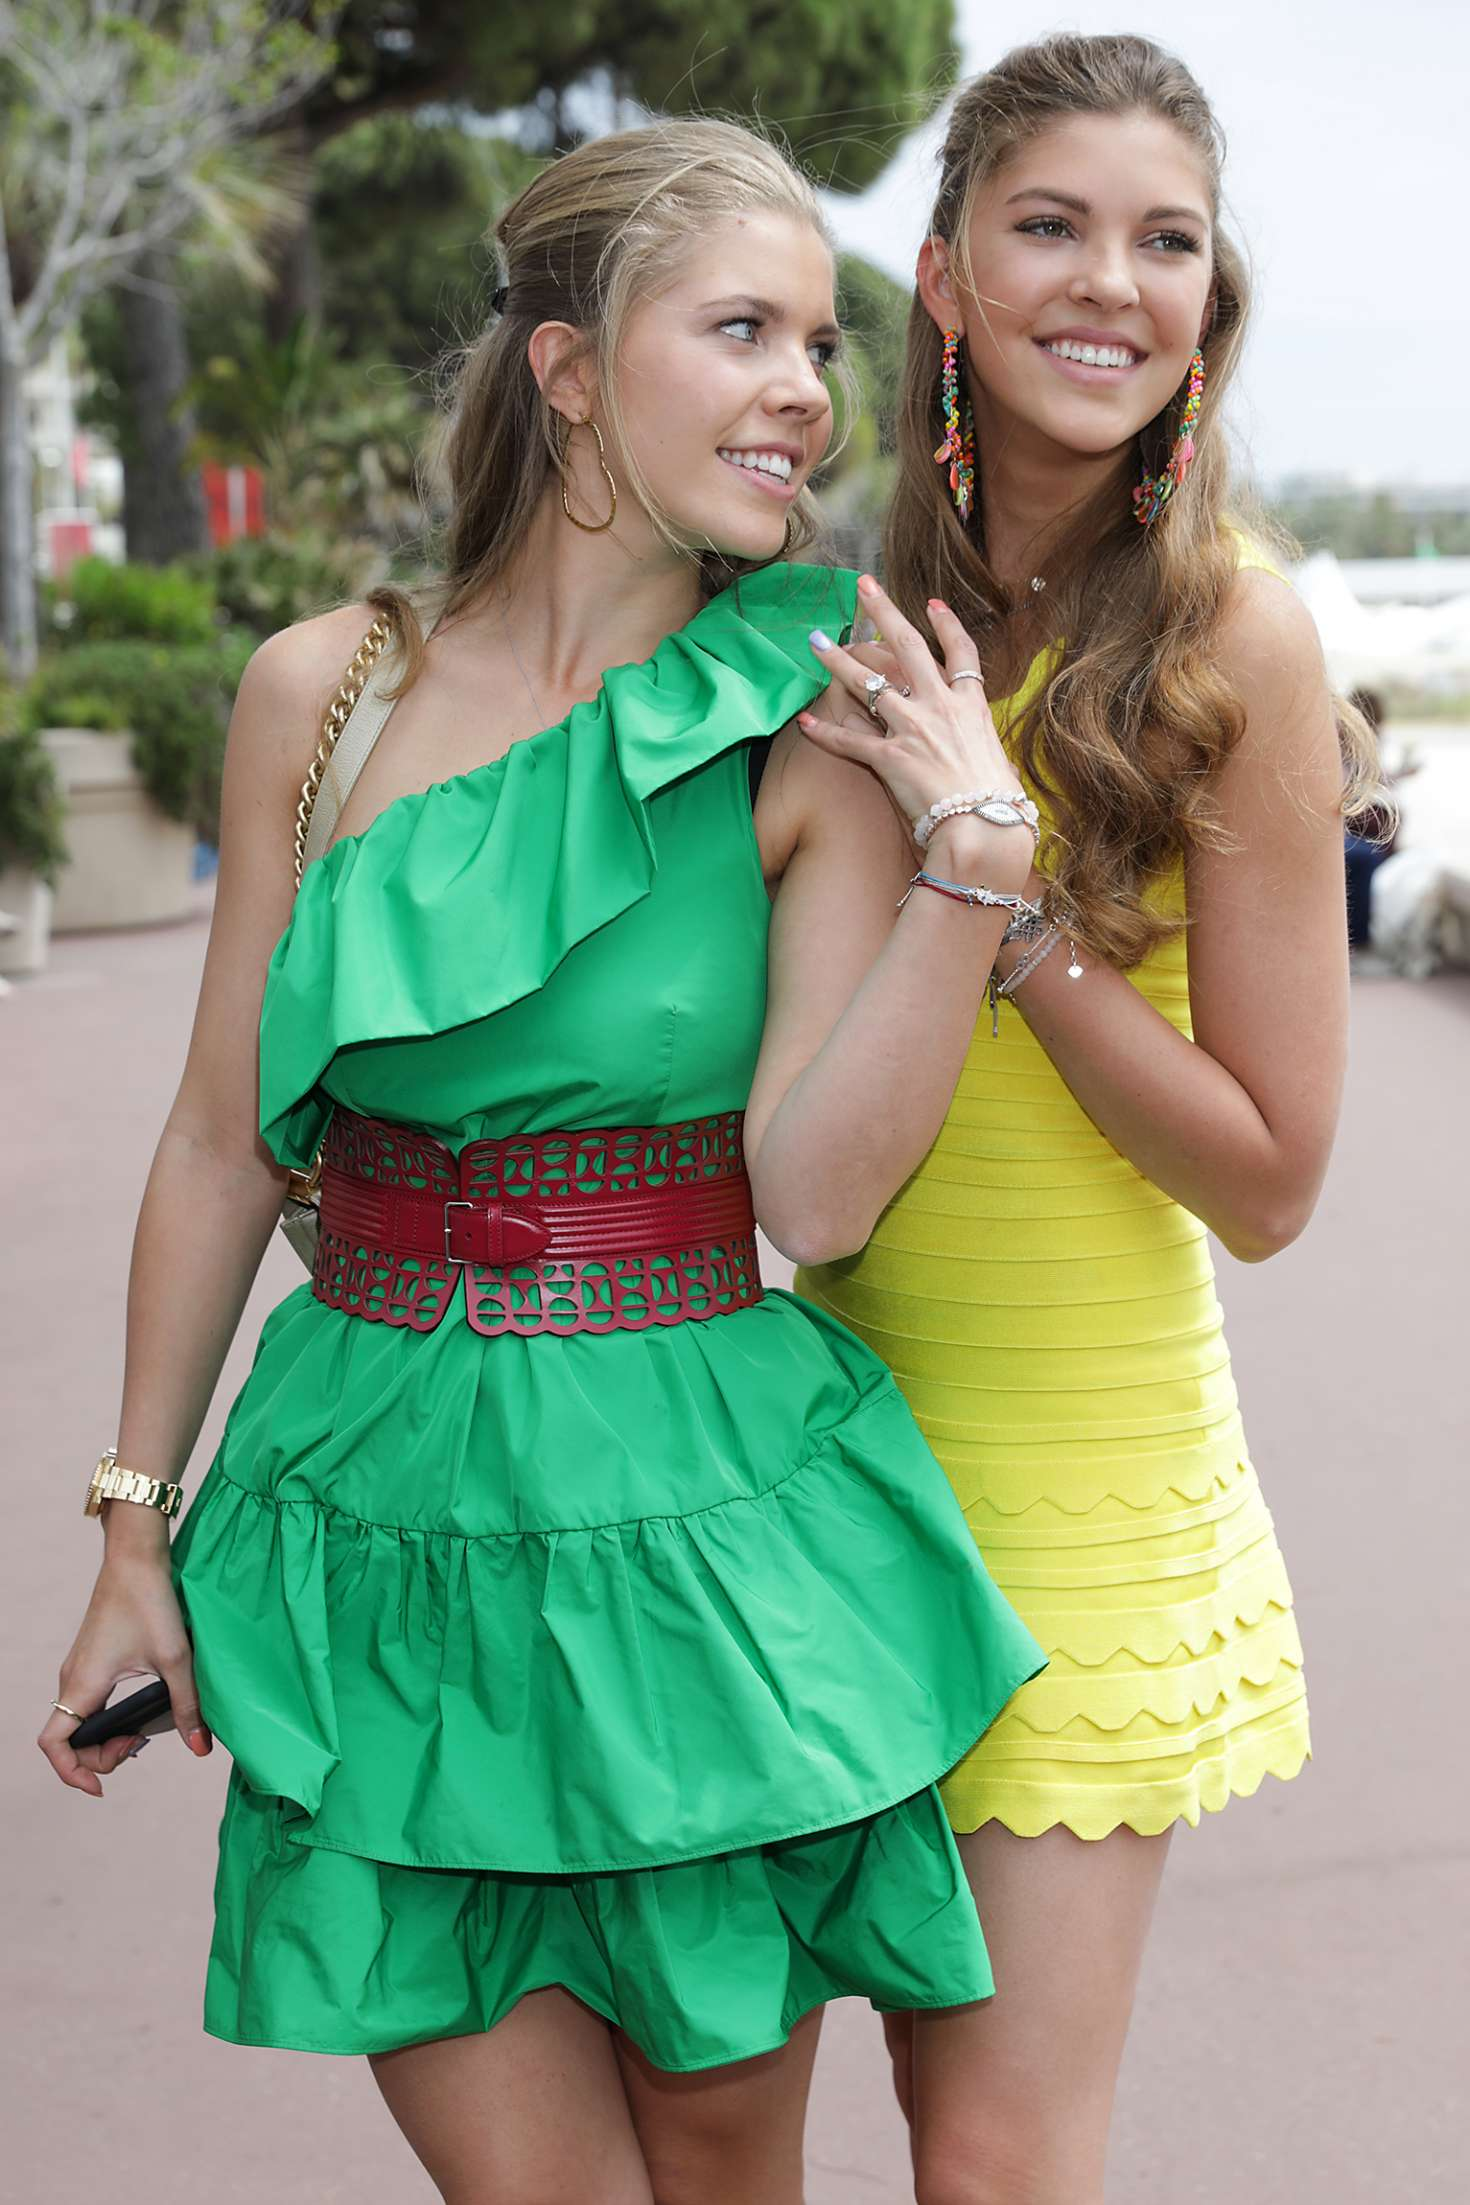 Victoria and Paulina Swarovski at 70th Cannes Film Festival 2017